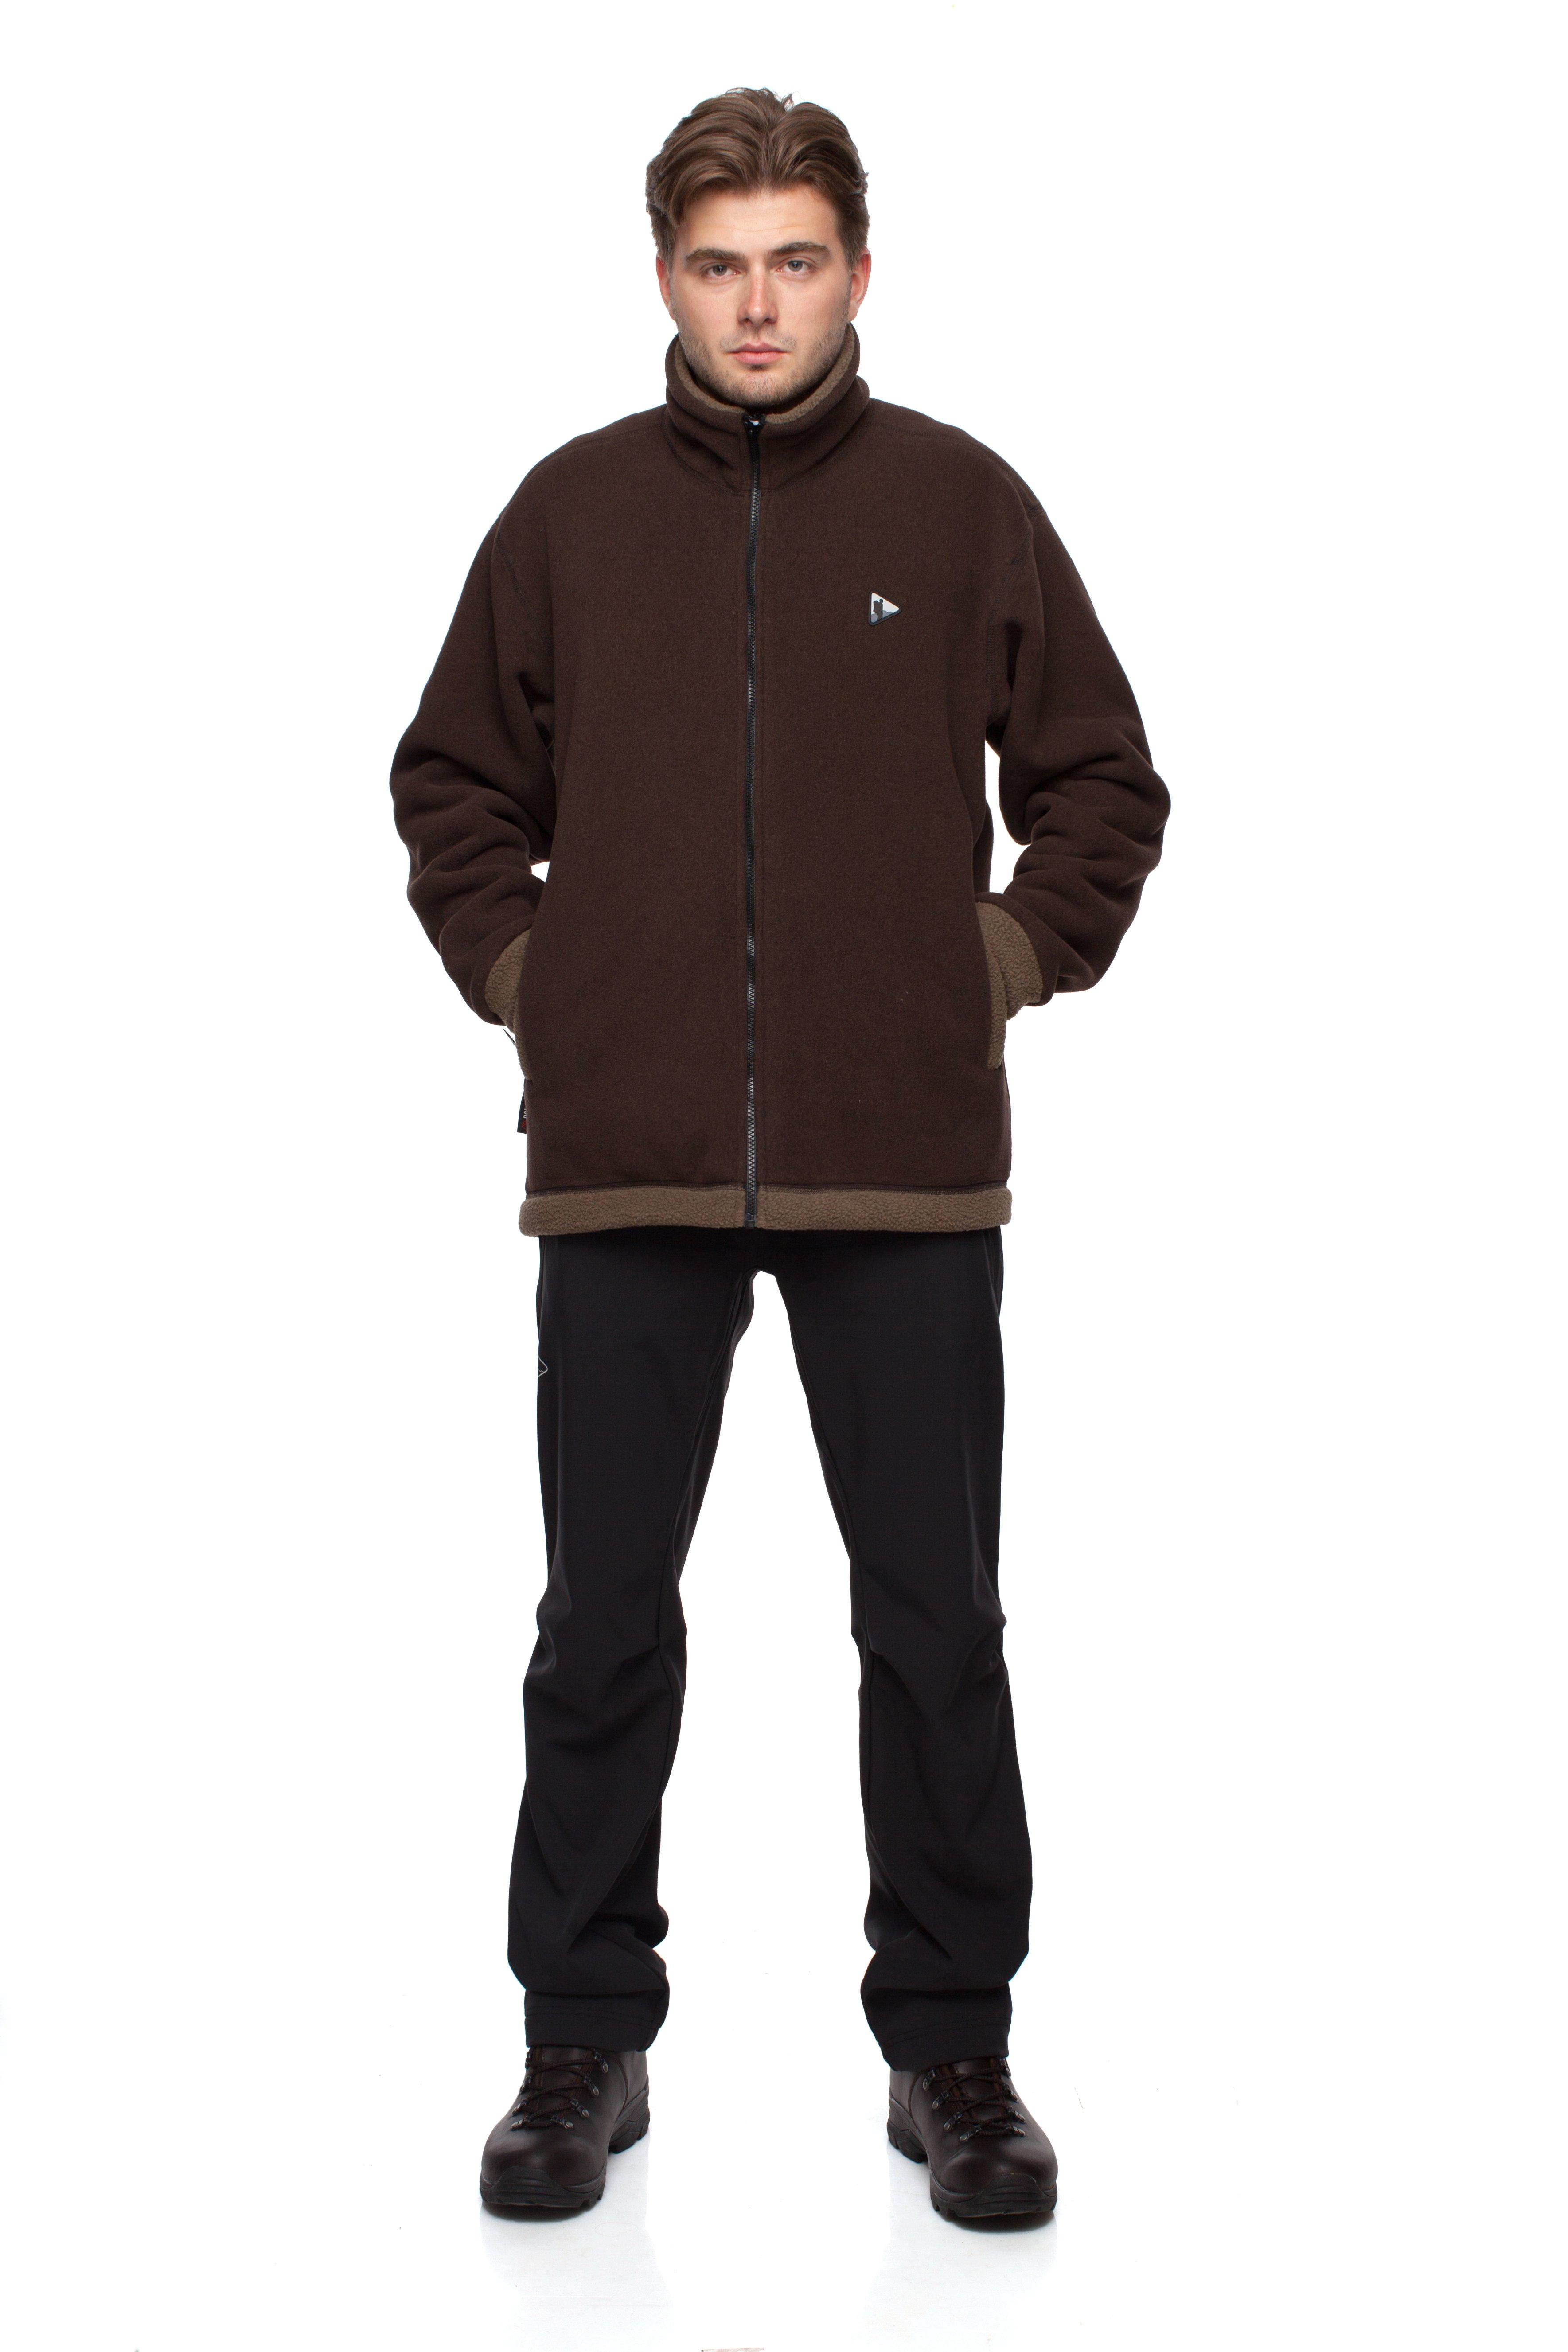 Куртка BASK GUDZON 655Куртка из ткани Polartec® Classic® - 375, самой теплой в серии Polartec®. Повышенная относительно ткани Polartec® 200 ветроустойчивость, ворсистая внутренняя поверхность сохраняет тепло. Для достижения максимального комфорта применена технология плоские швы.<br><br>Боковые карманы: 2<br>Вес граммы: 810<br>Ветрозащитная планка: Да<br>Внутренние карманы: 2<br>Материал: Polartec® Classic® 375<br>Материал усиления: нет<br>Пол: Муж.<br>Регулировка вентиляции: Нет<br>Регулировка низа: Да<br>Регулируемые вентиляционные отверстия: Нет<br>Тип молнии: однозамковая<br>Усиление контактных зон: Нет<br>Размер INT: L<br>Цвет: БЕЖЕВЫЙ